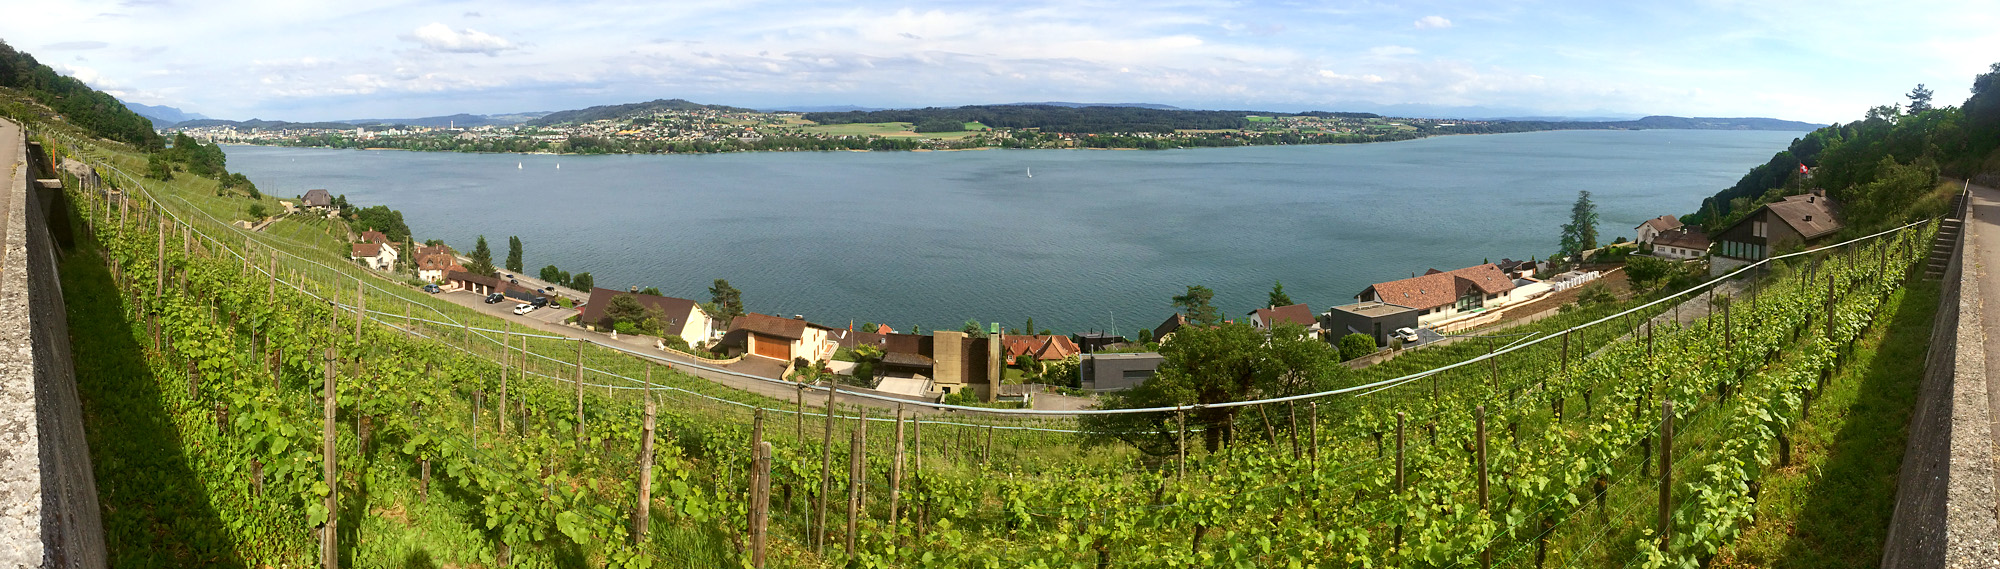 Rebstock-Panorama oberhalb von Tüscherz